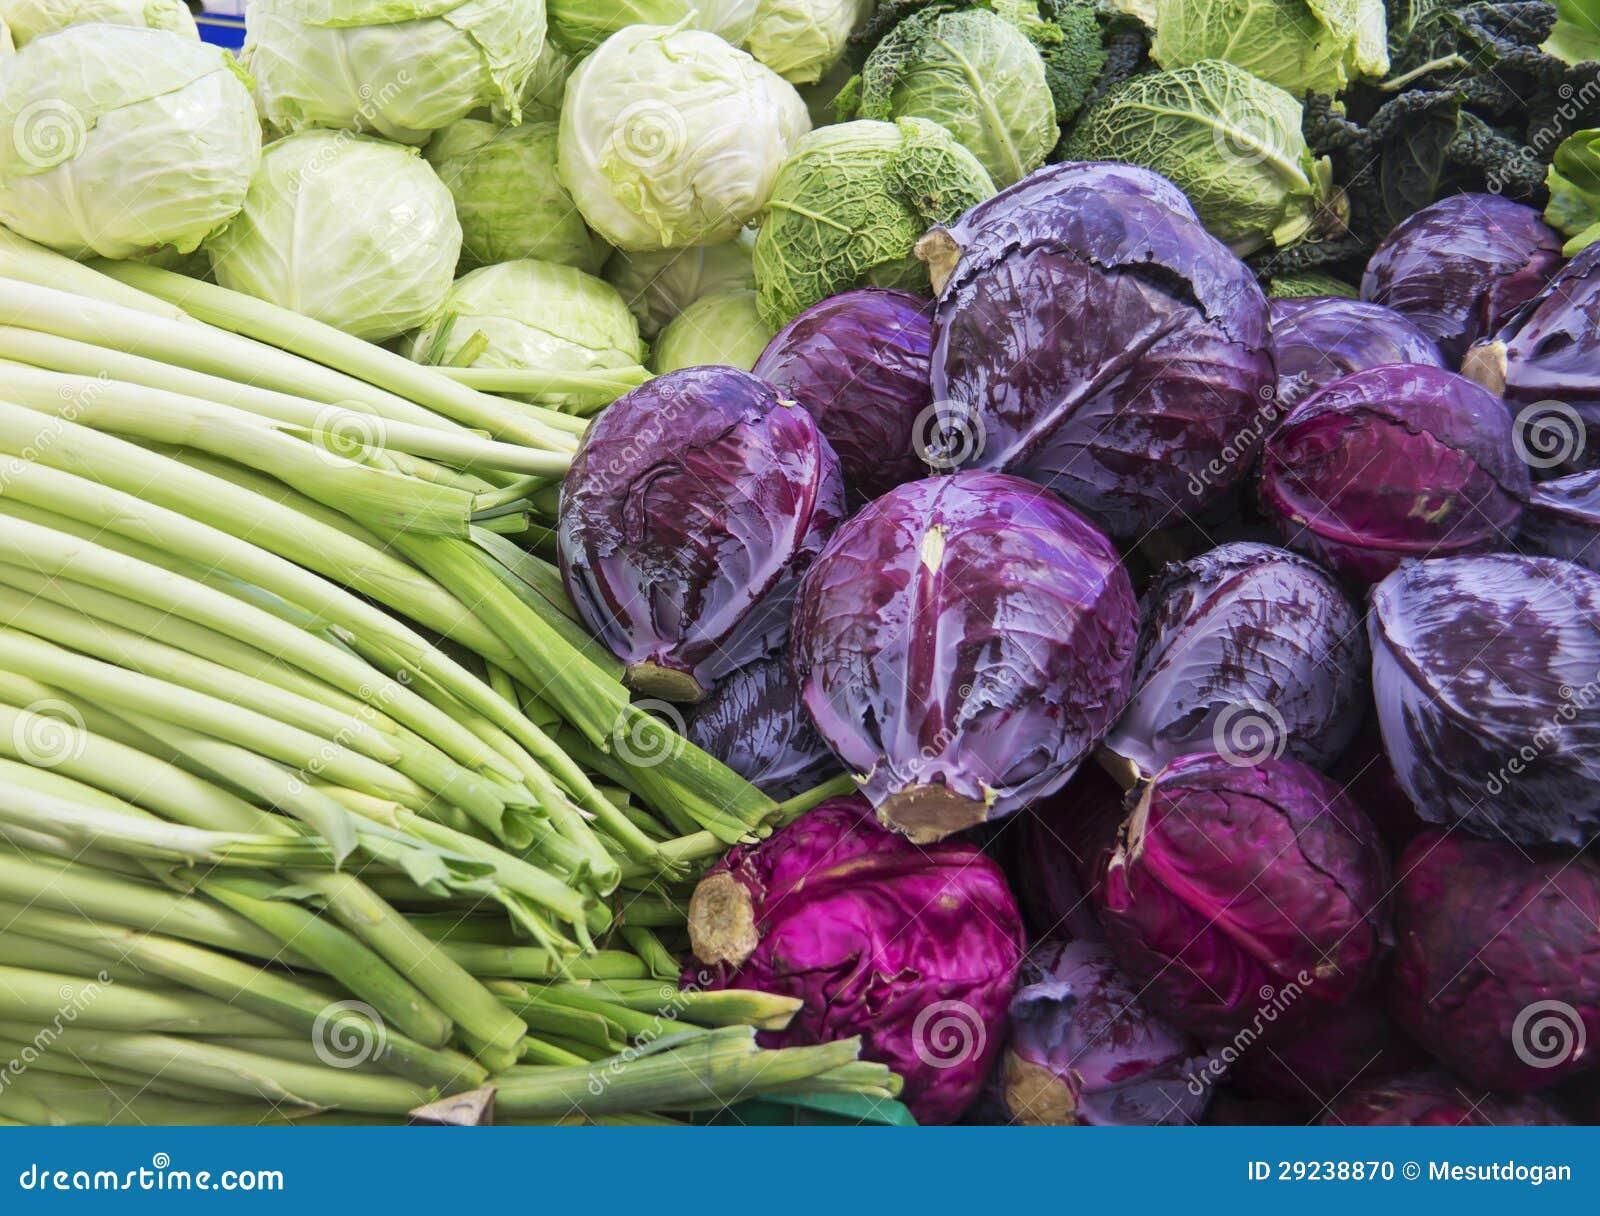 Download Mercado foto de stock. Imagem de cultivar, saudável, coma - 29238870